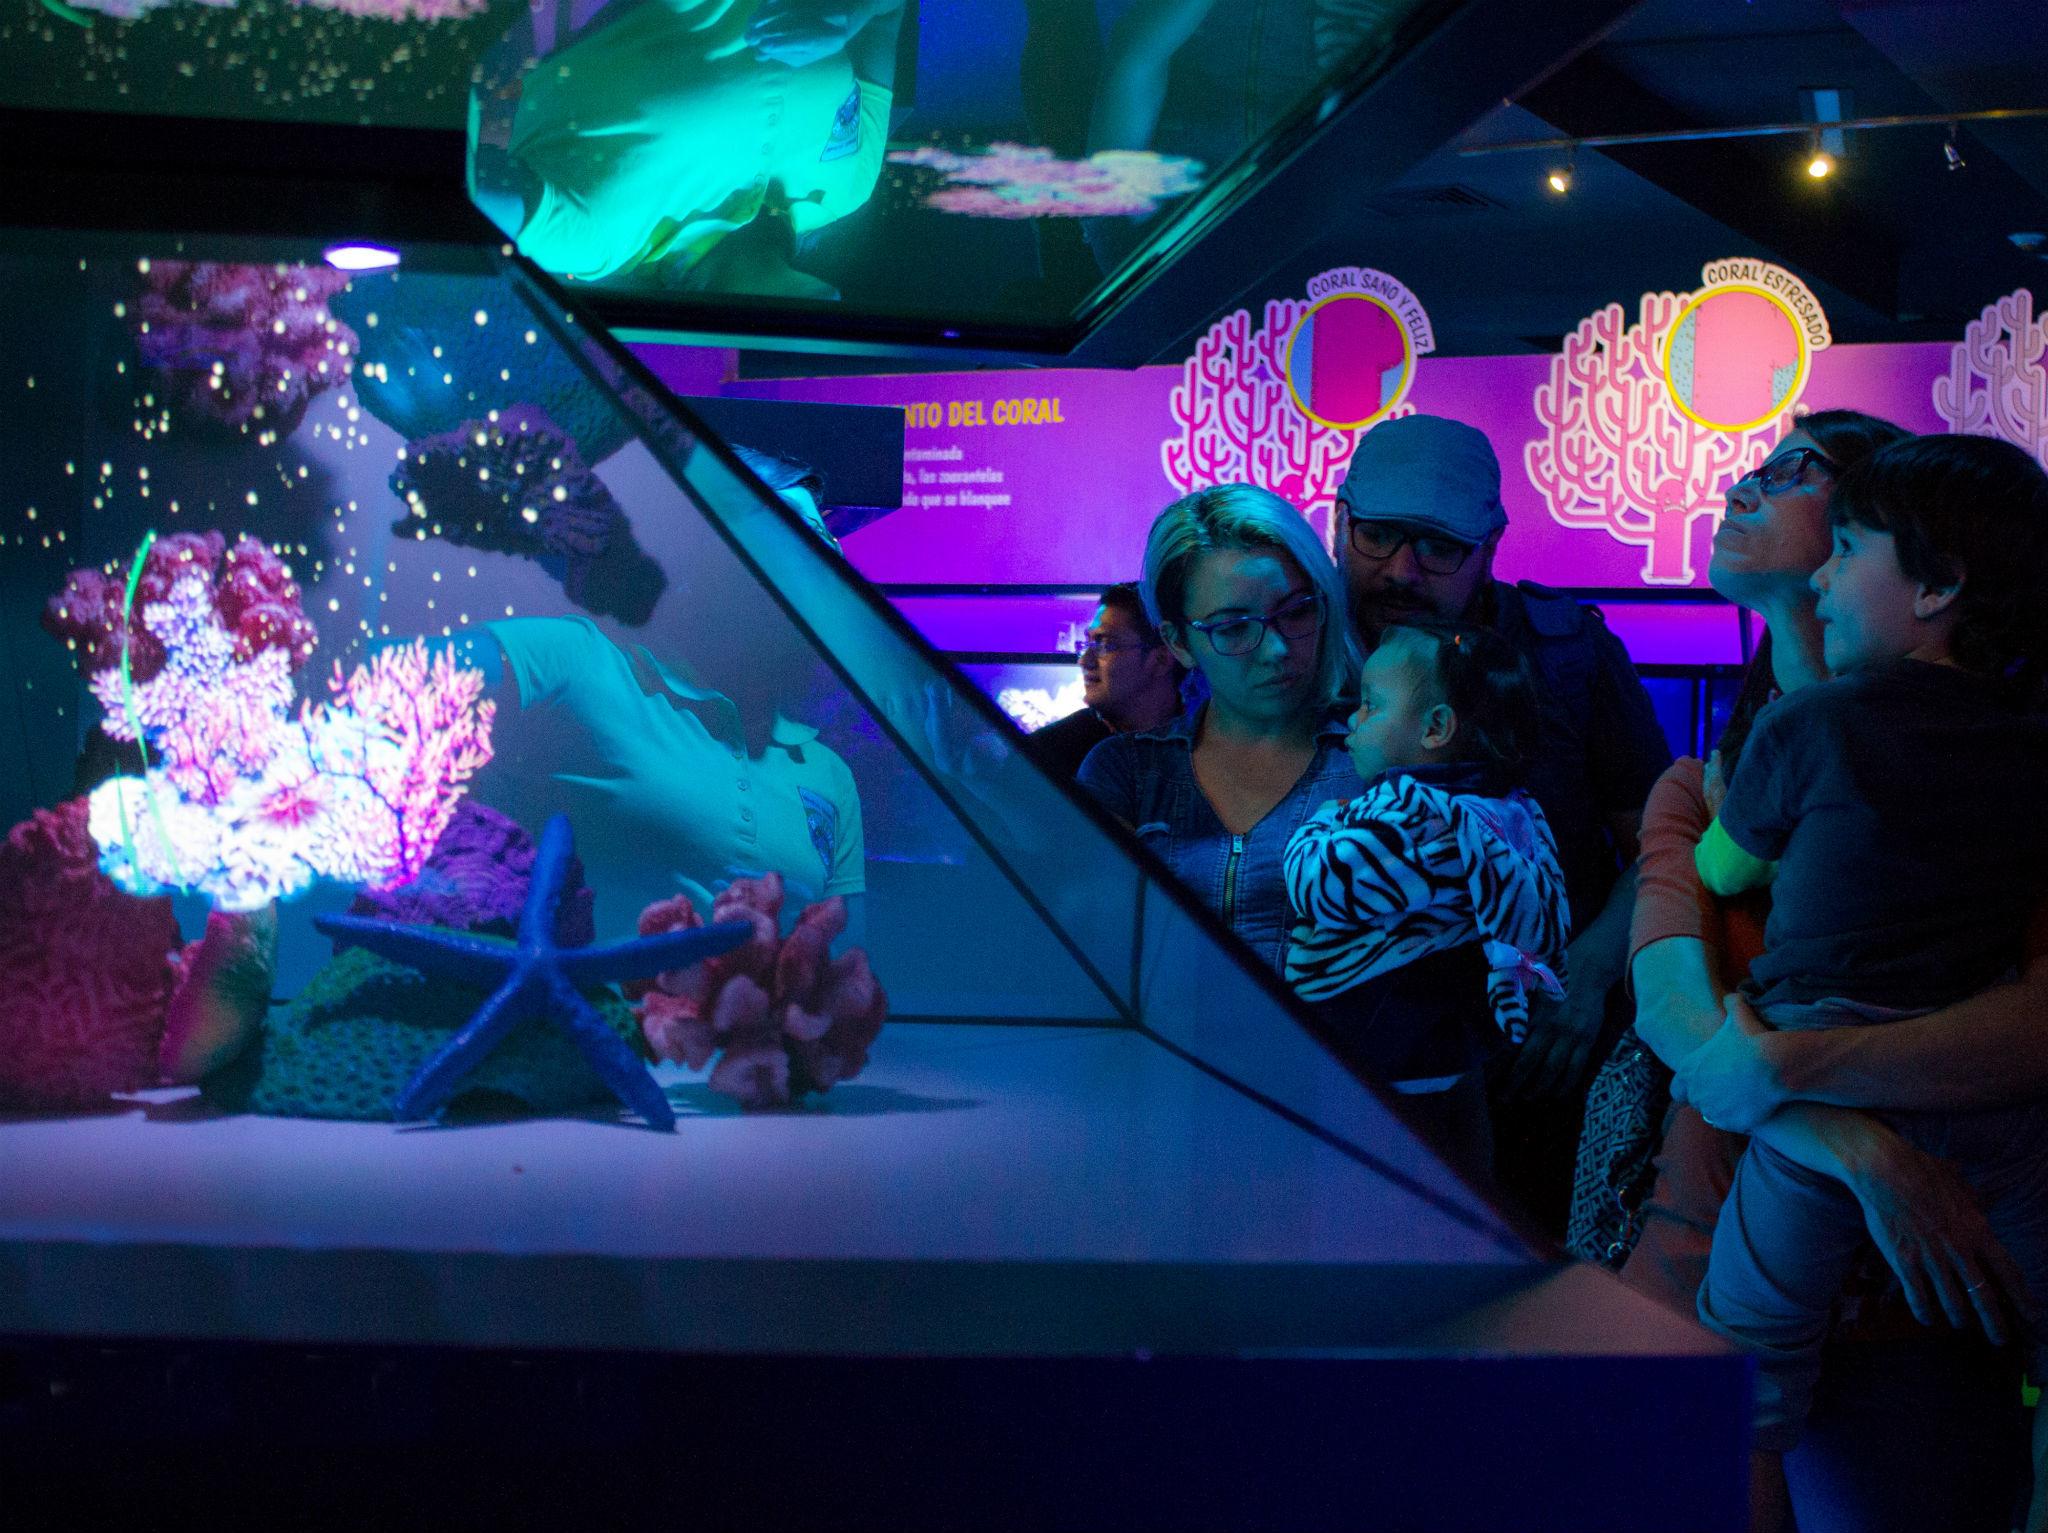 Peces en acuario interactivo